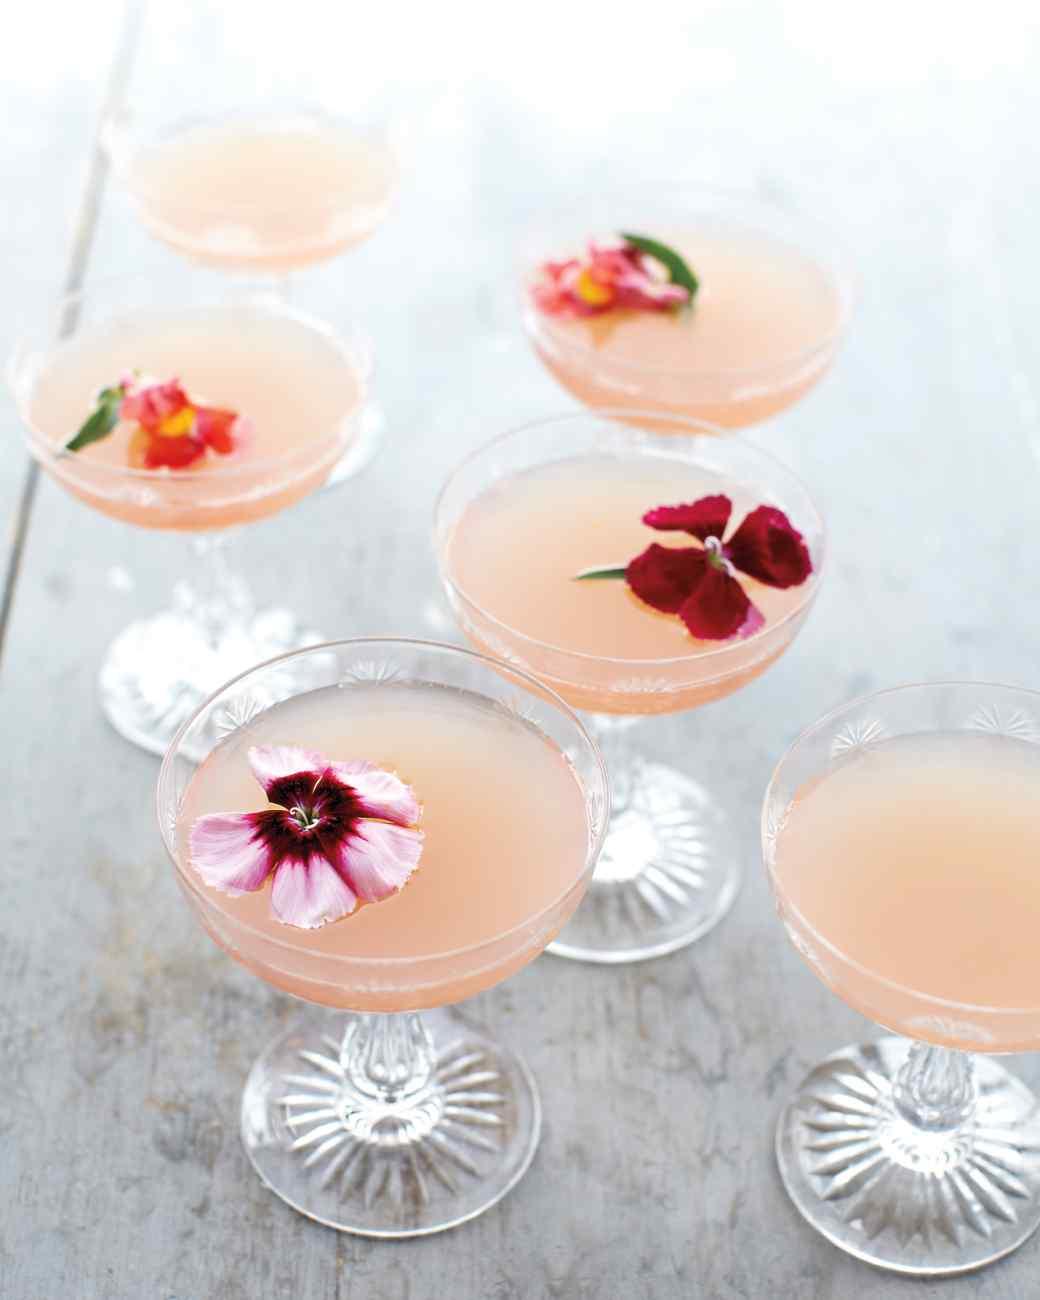 8 Refreshing Spring Cocktails - Lillet Rose Spring Cocktail | Martha Stewart